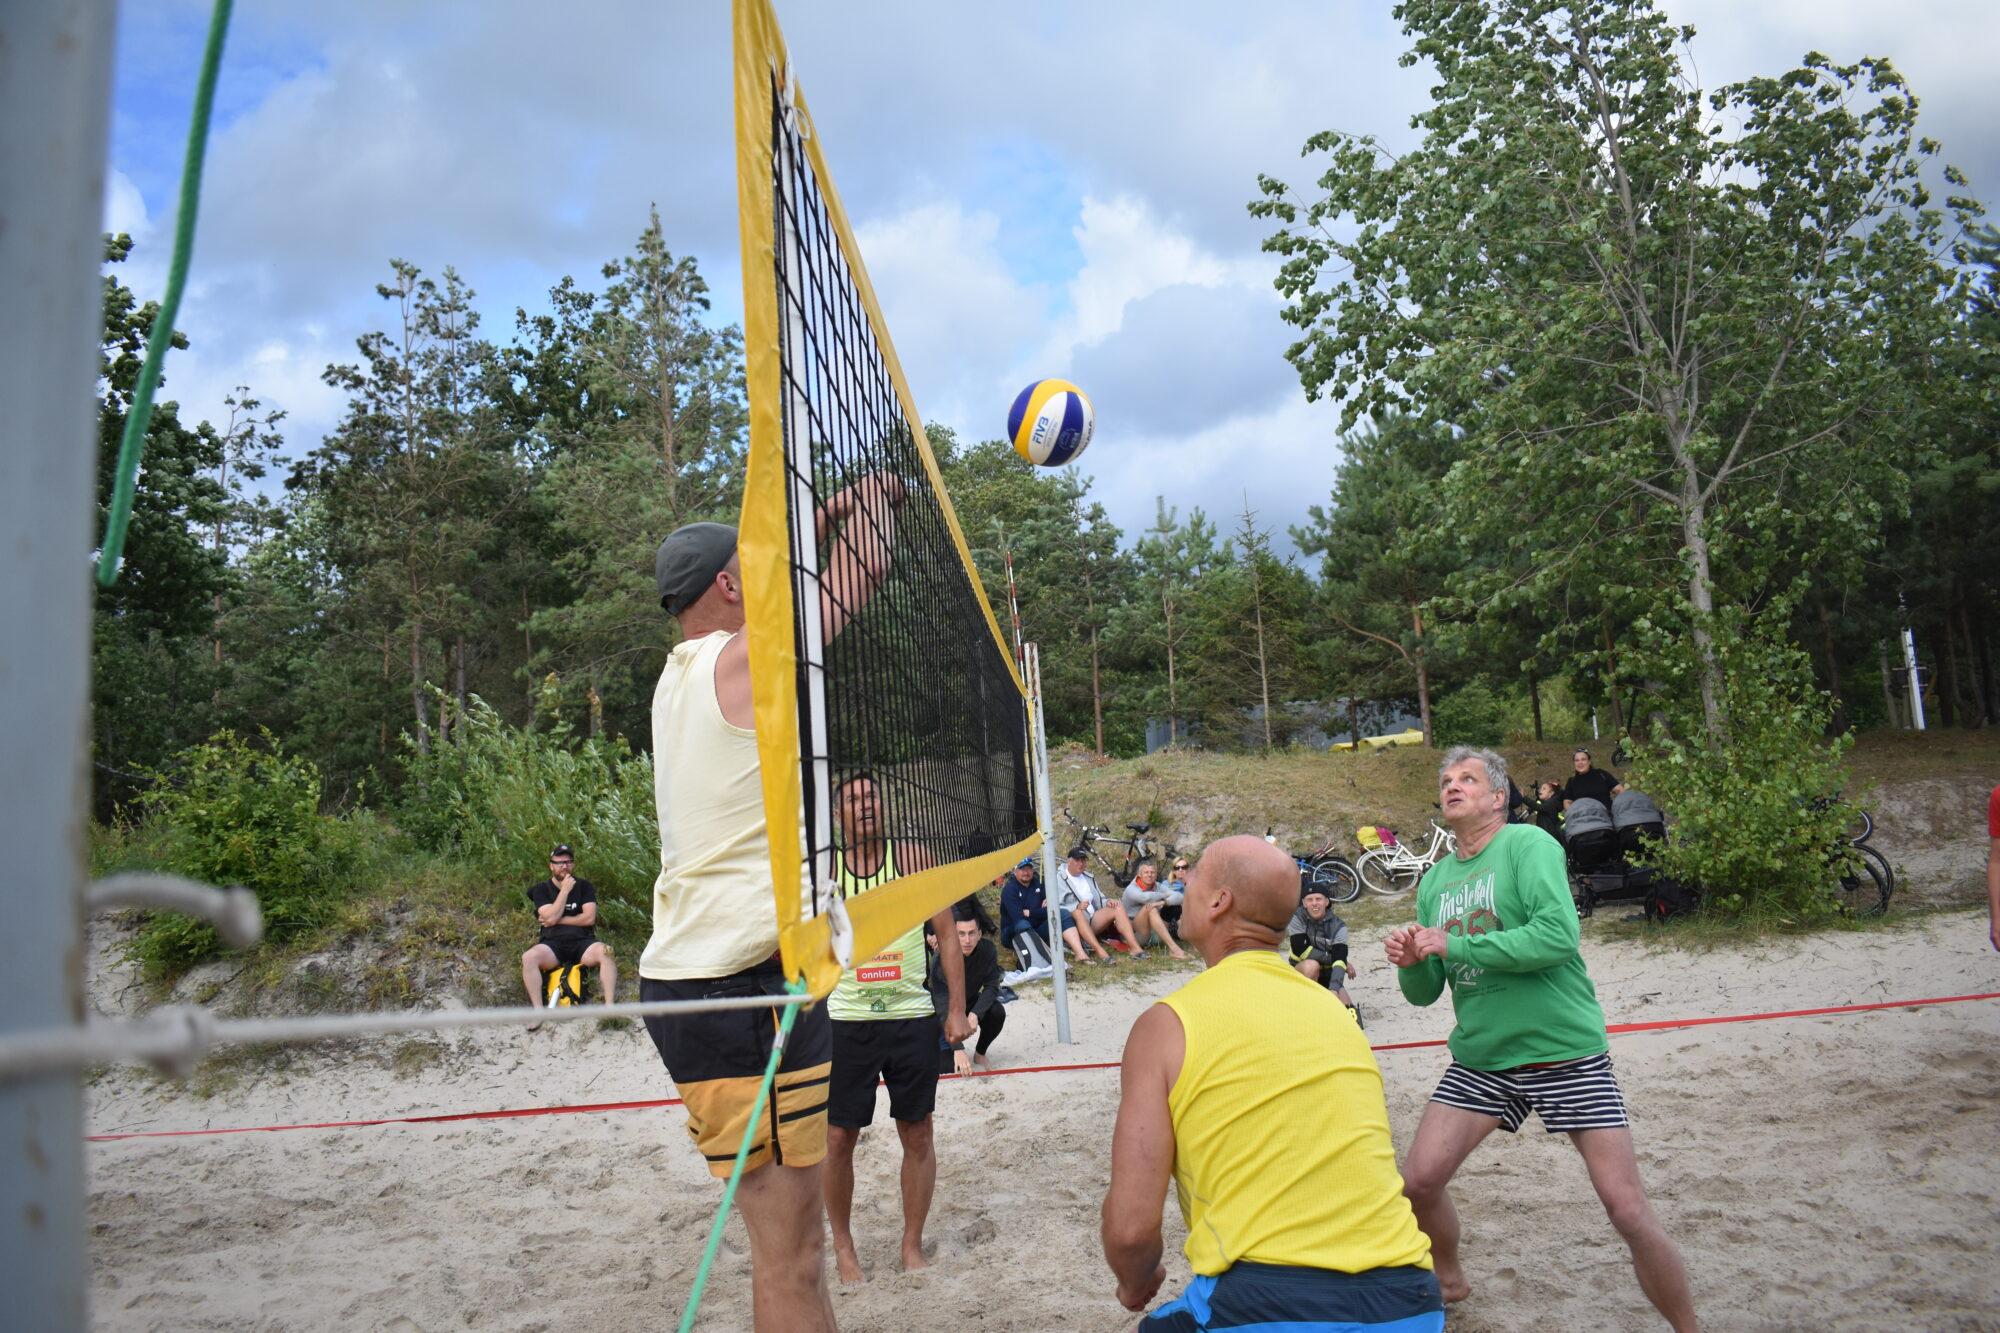 Liepājas pludmales volejbola laukumos norisinājās Liepājas pludmales volejbola līgas 4.posms